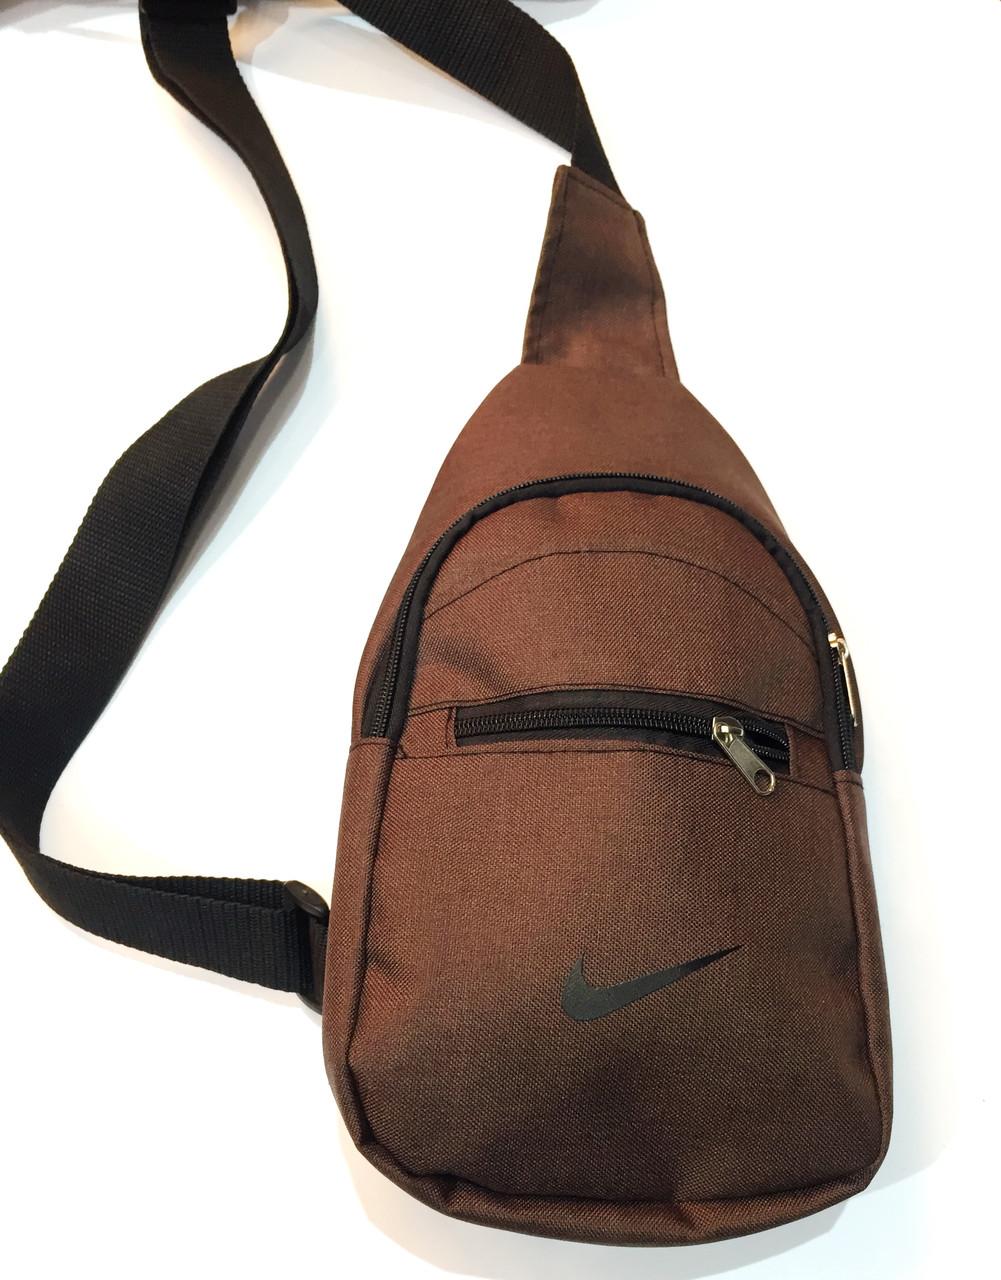 Рюкзак через плечо коричневая Бананка городская барсетка сумка Nike